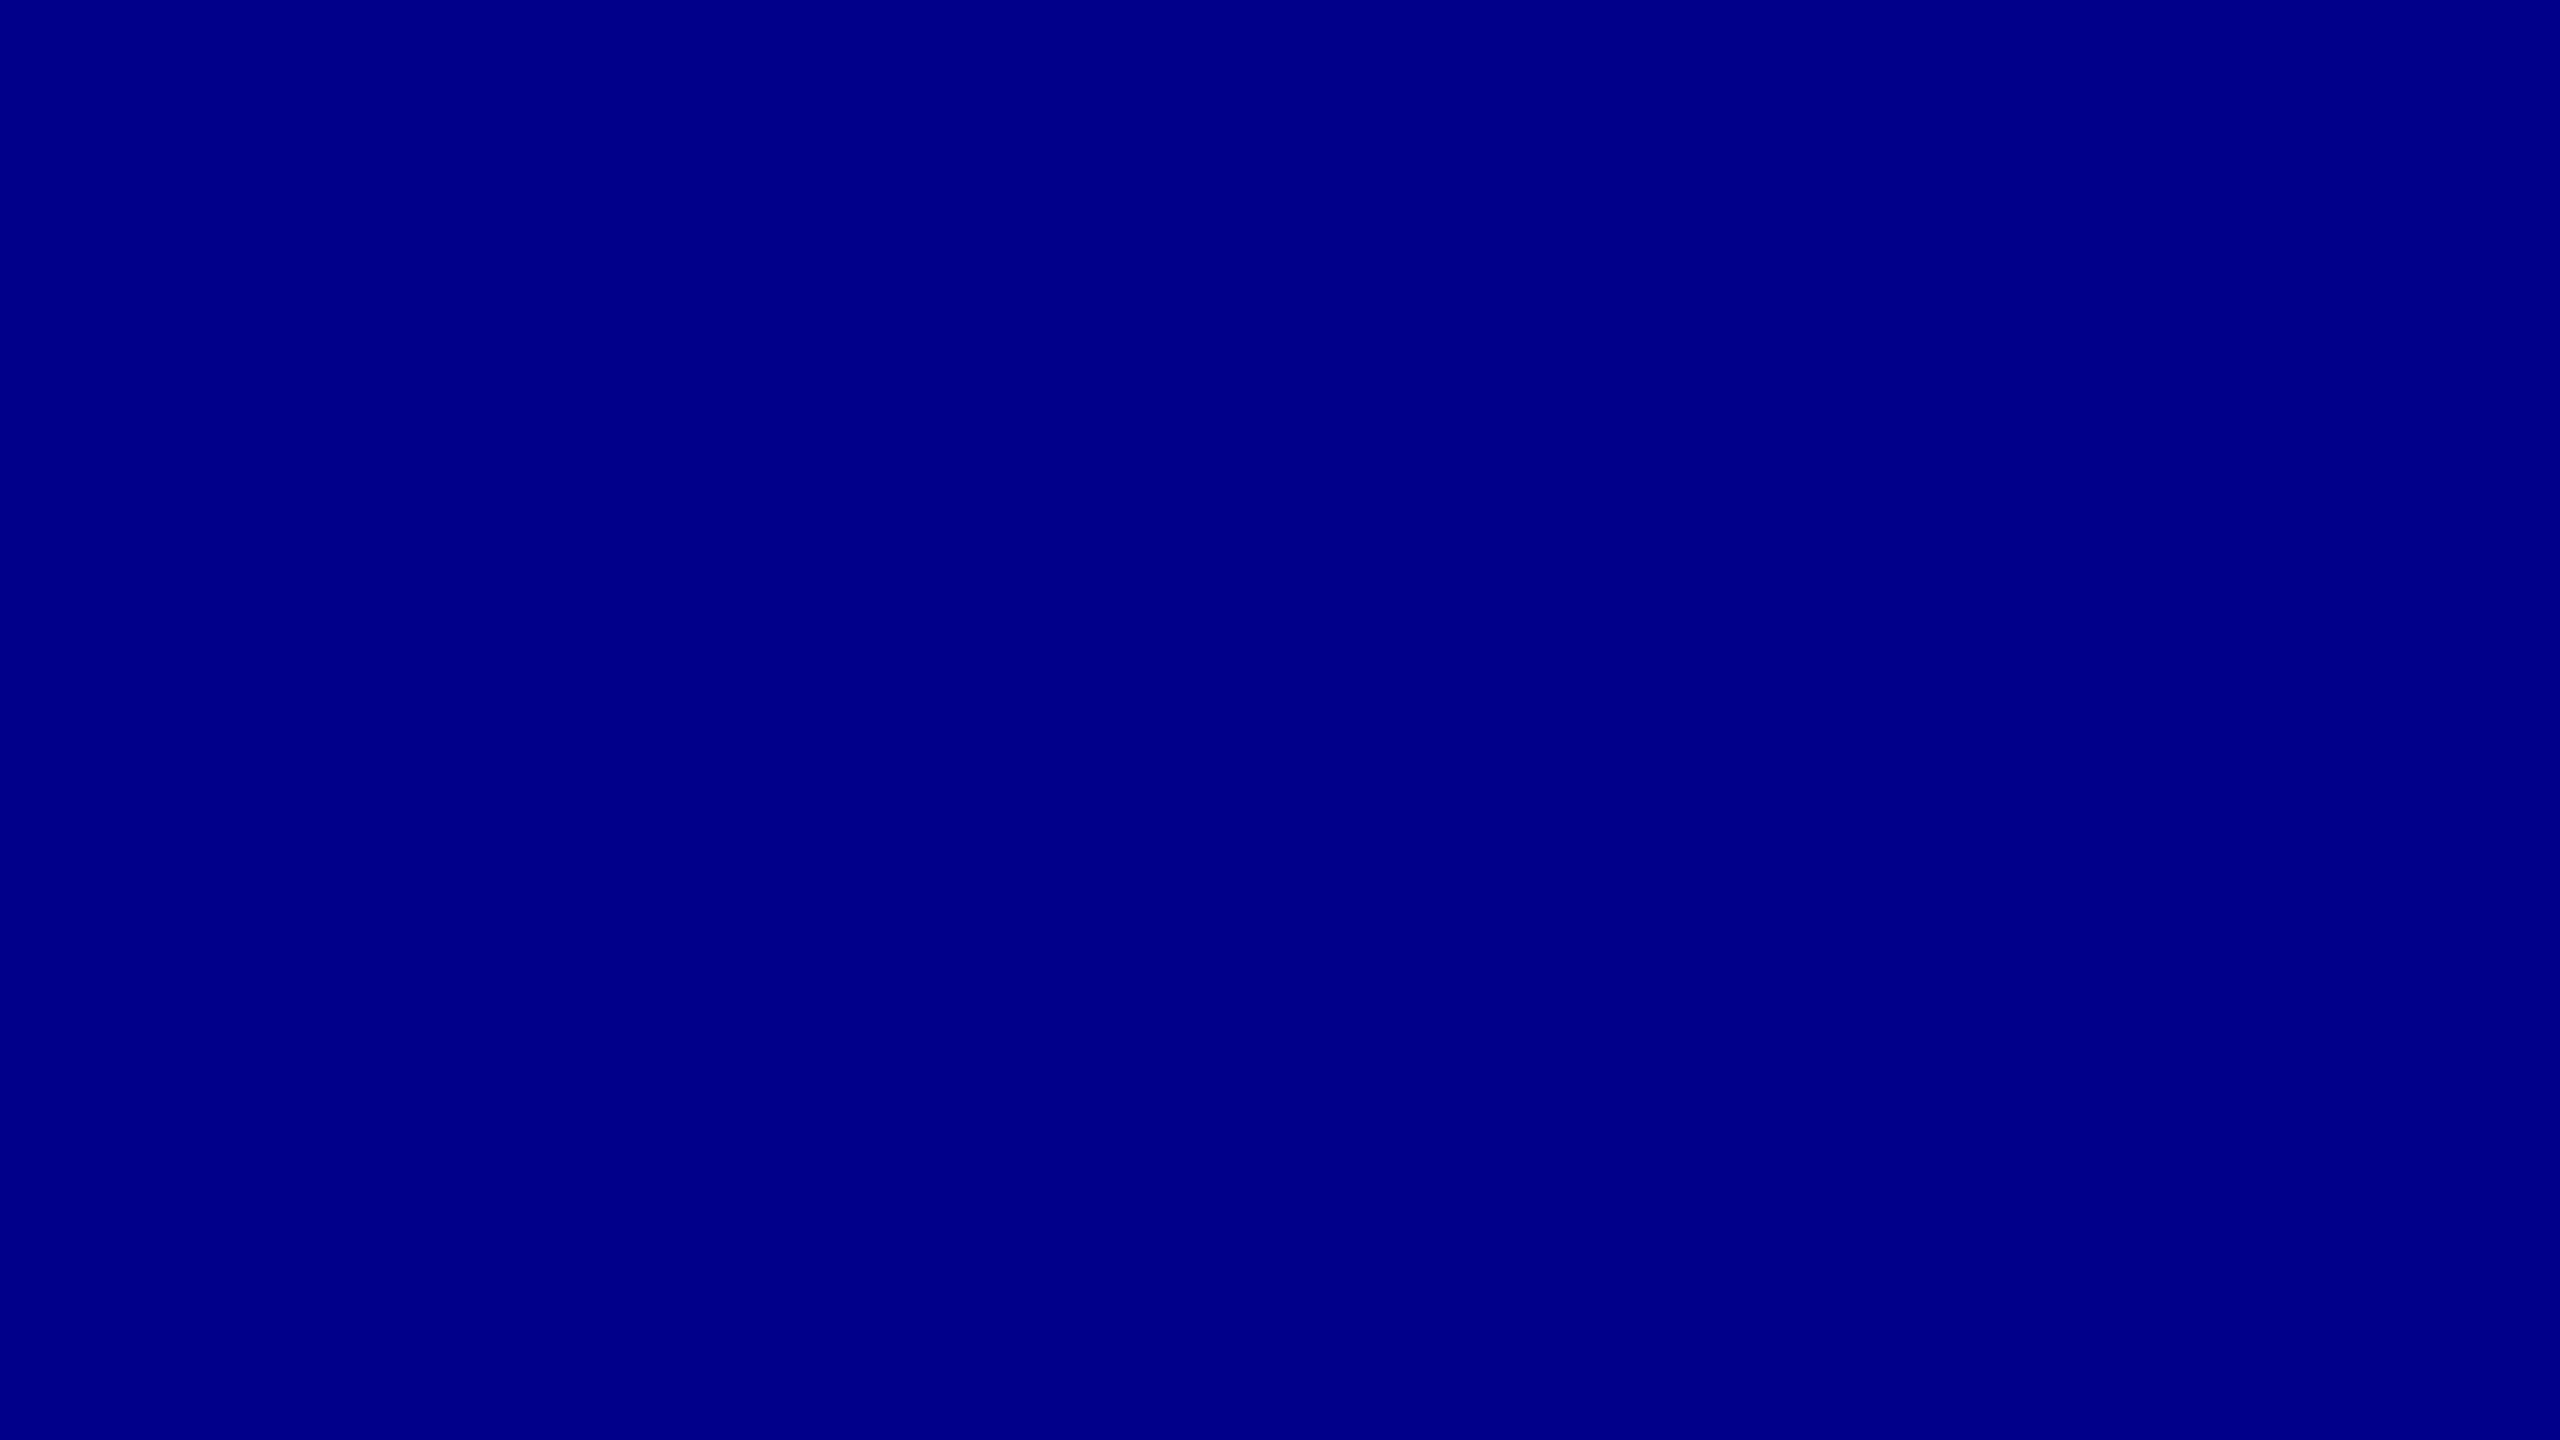 Dark Blue Background 1 Download Free Amazing High Resolution